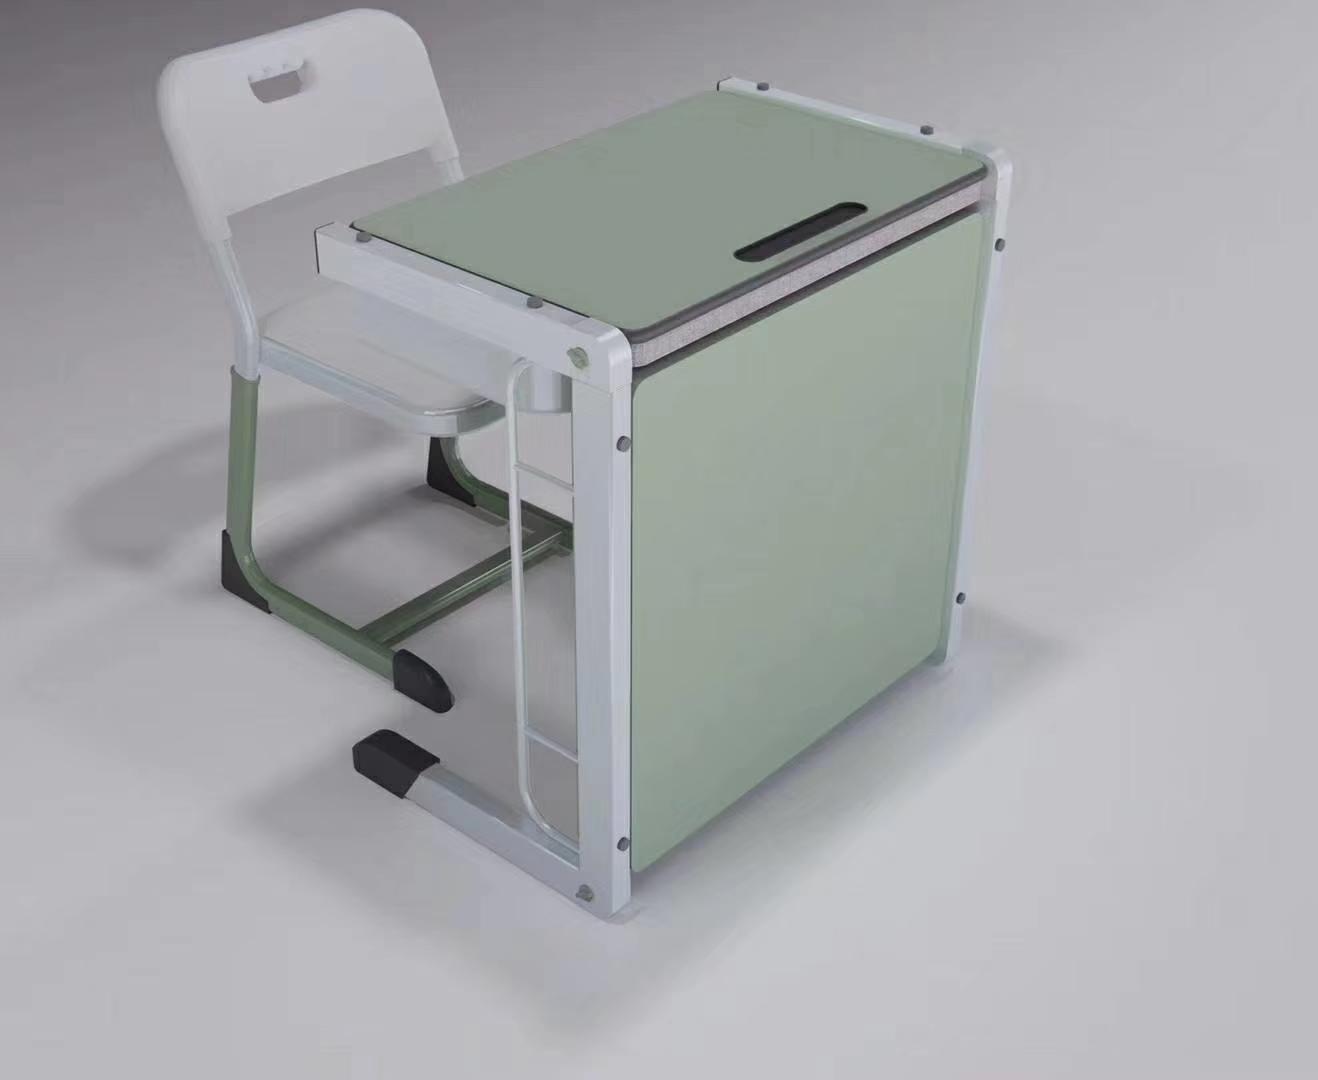 有需要托管輔導機構課桌椅嗎?可以學習休息兩用